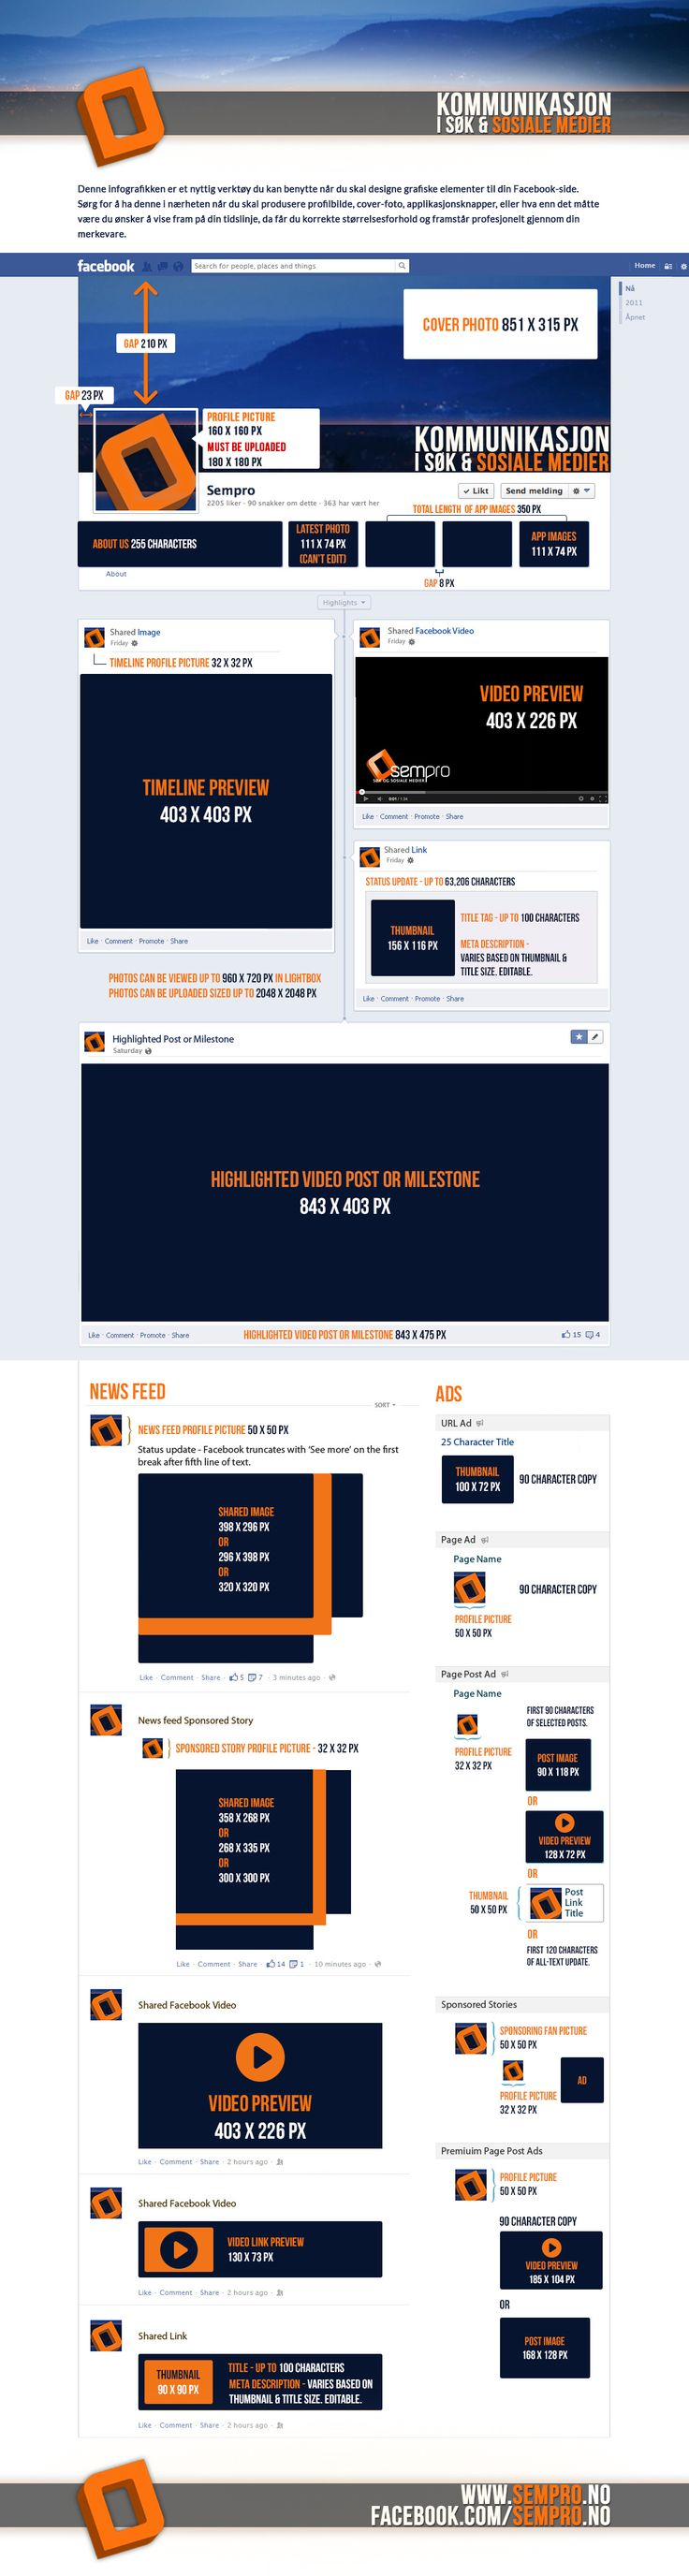 Facebook: Den Ultimate Bildeguiden 2! Nå som Infographic